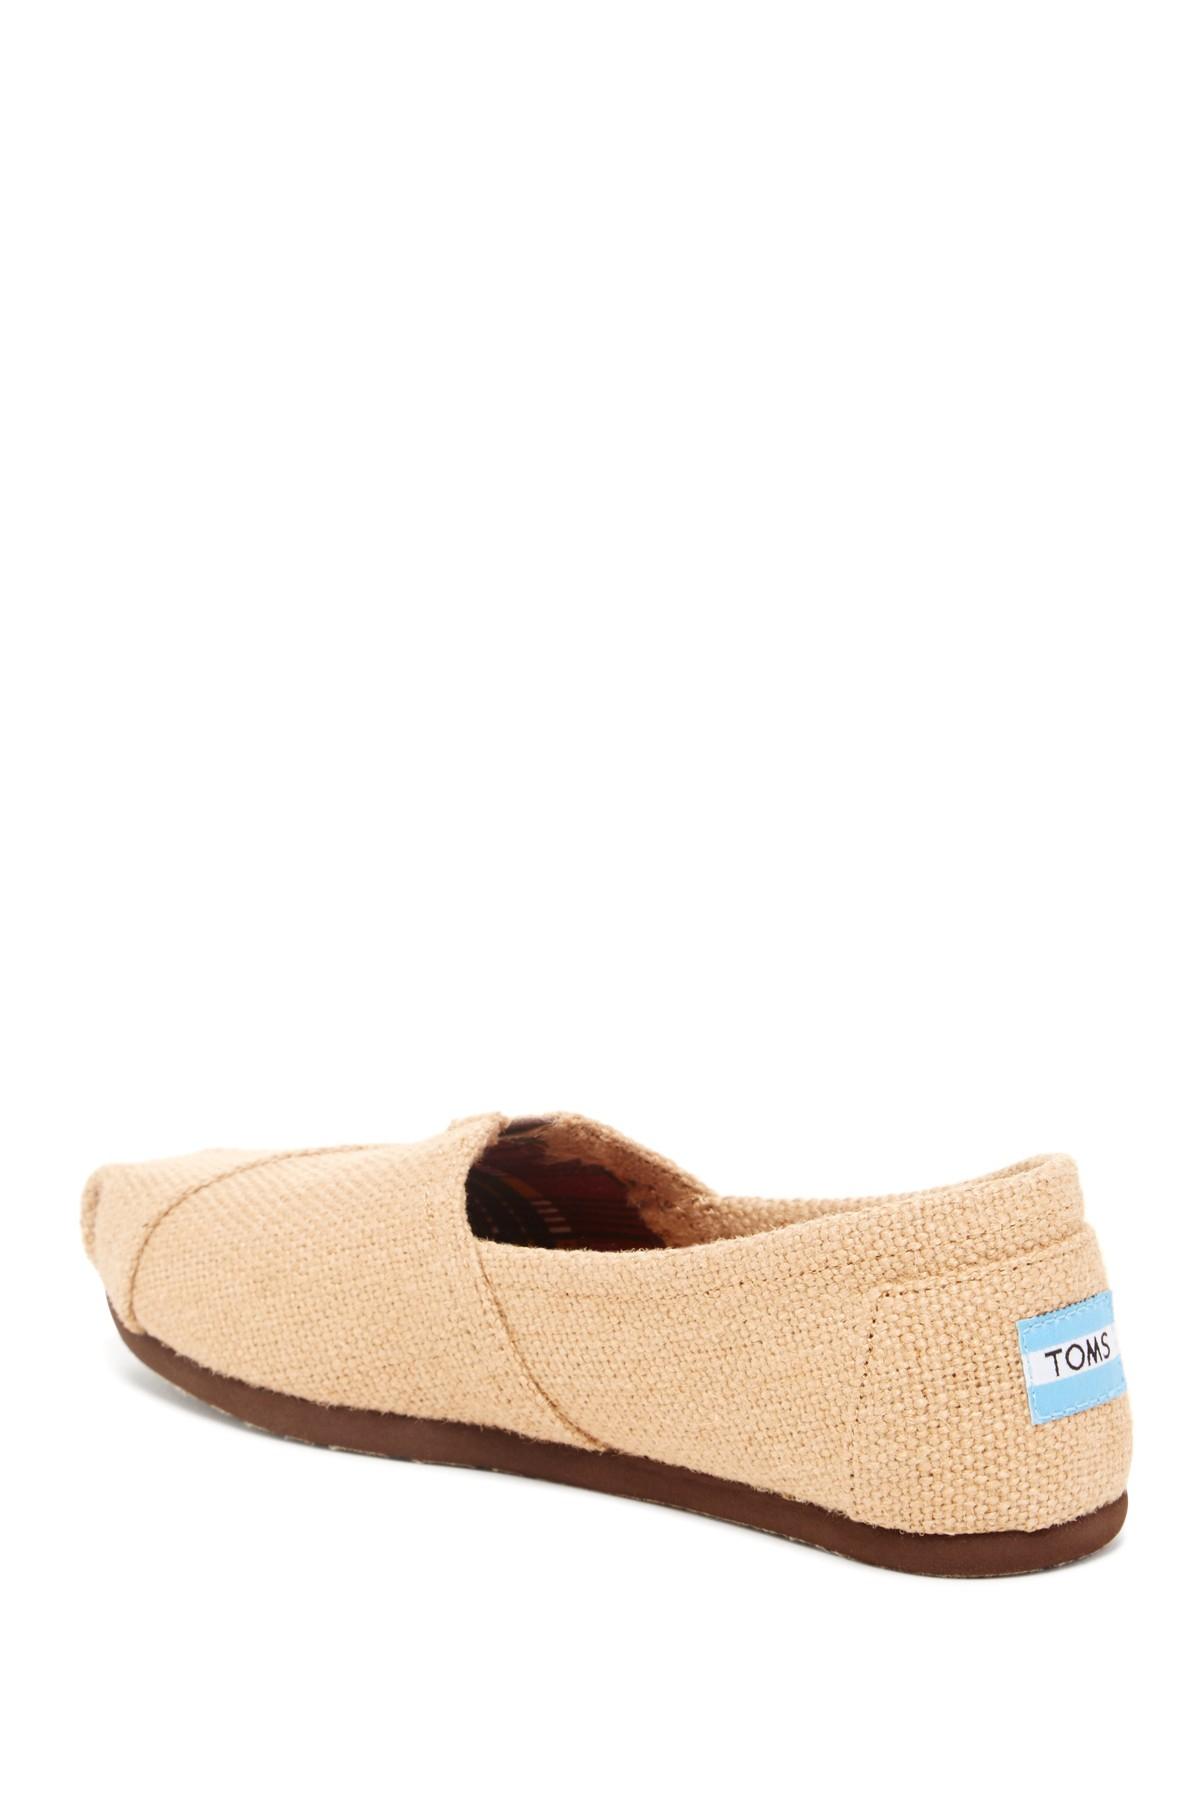 Bensimon Shoe Sizing